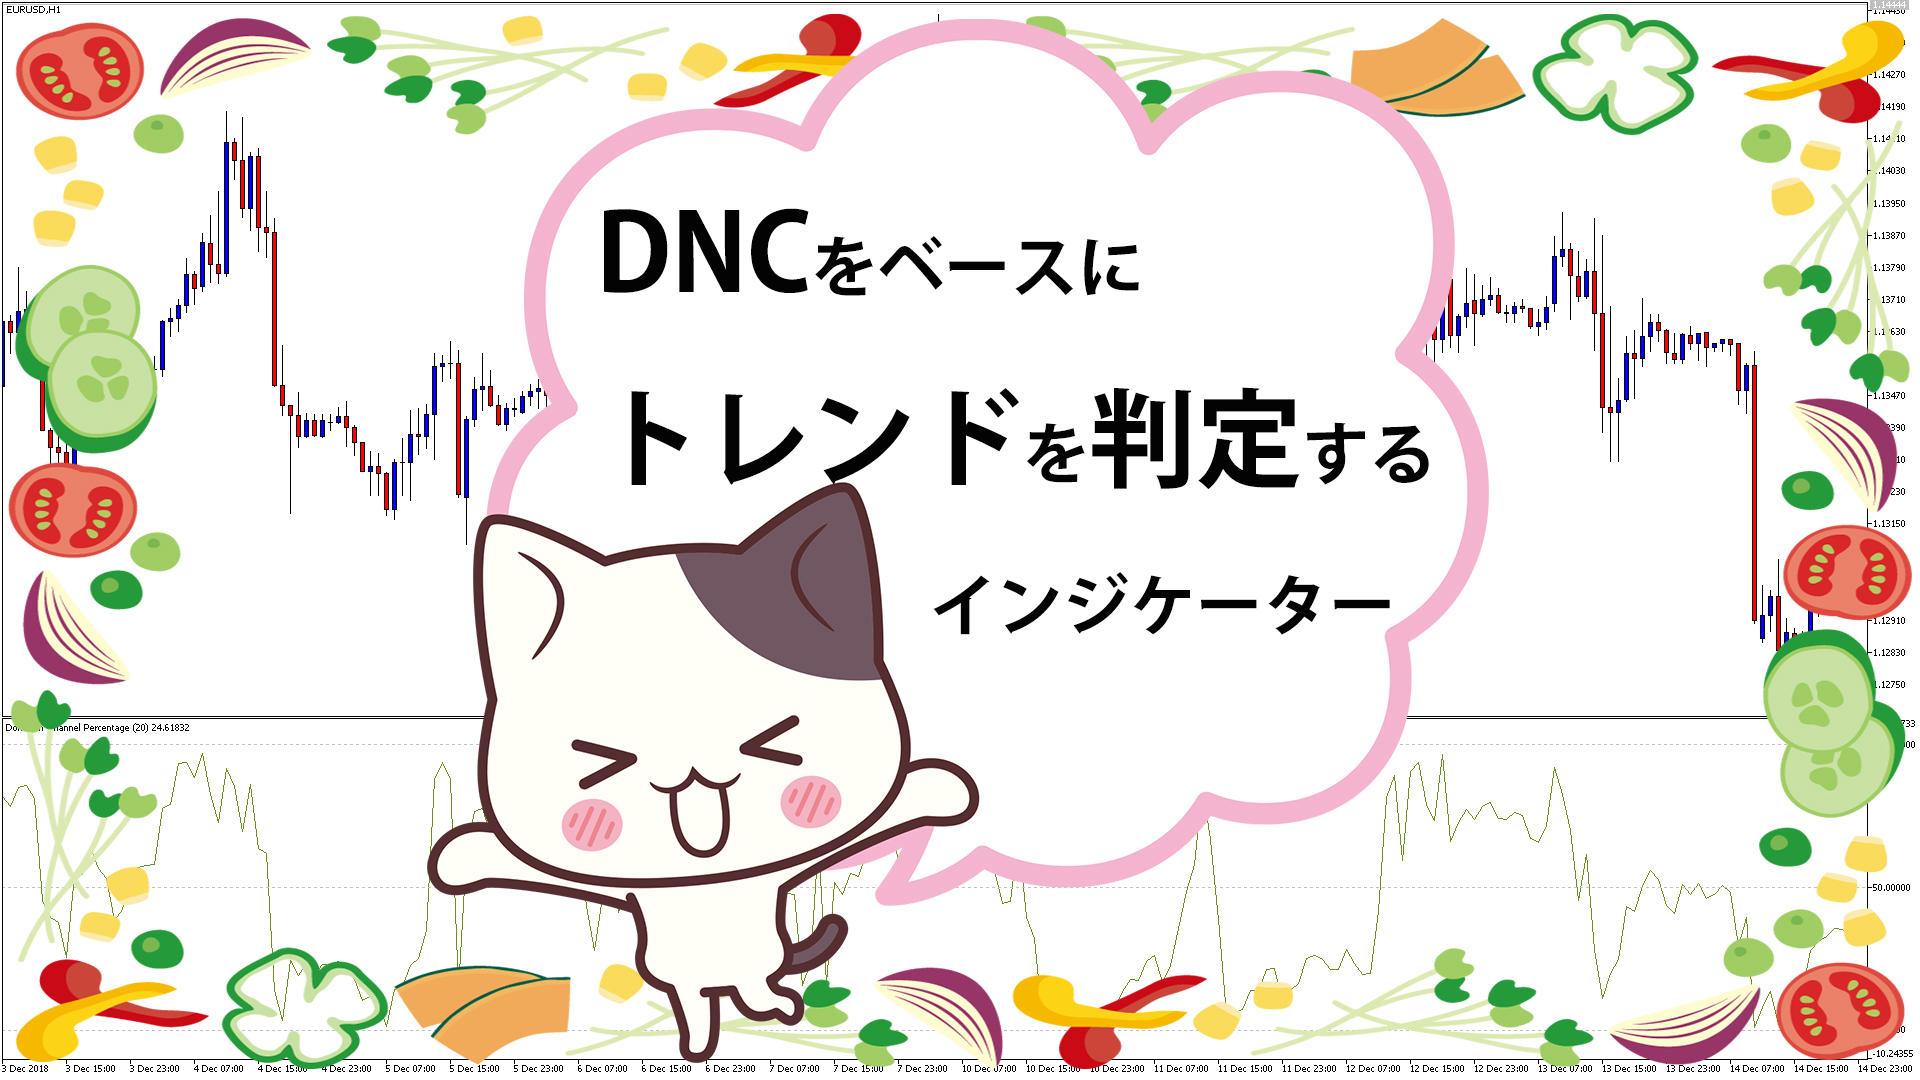 DNCを基に上昇トレンド/下降トレンドを判定するMT5インジケーター「DNC_Percentage」